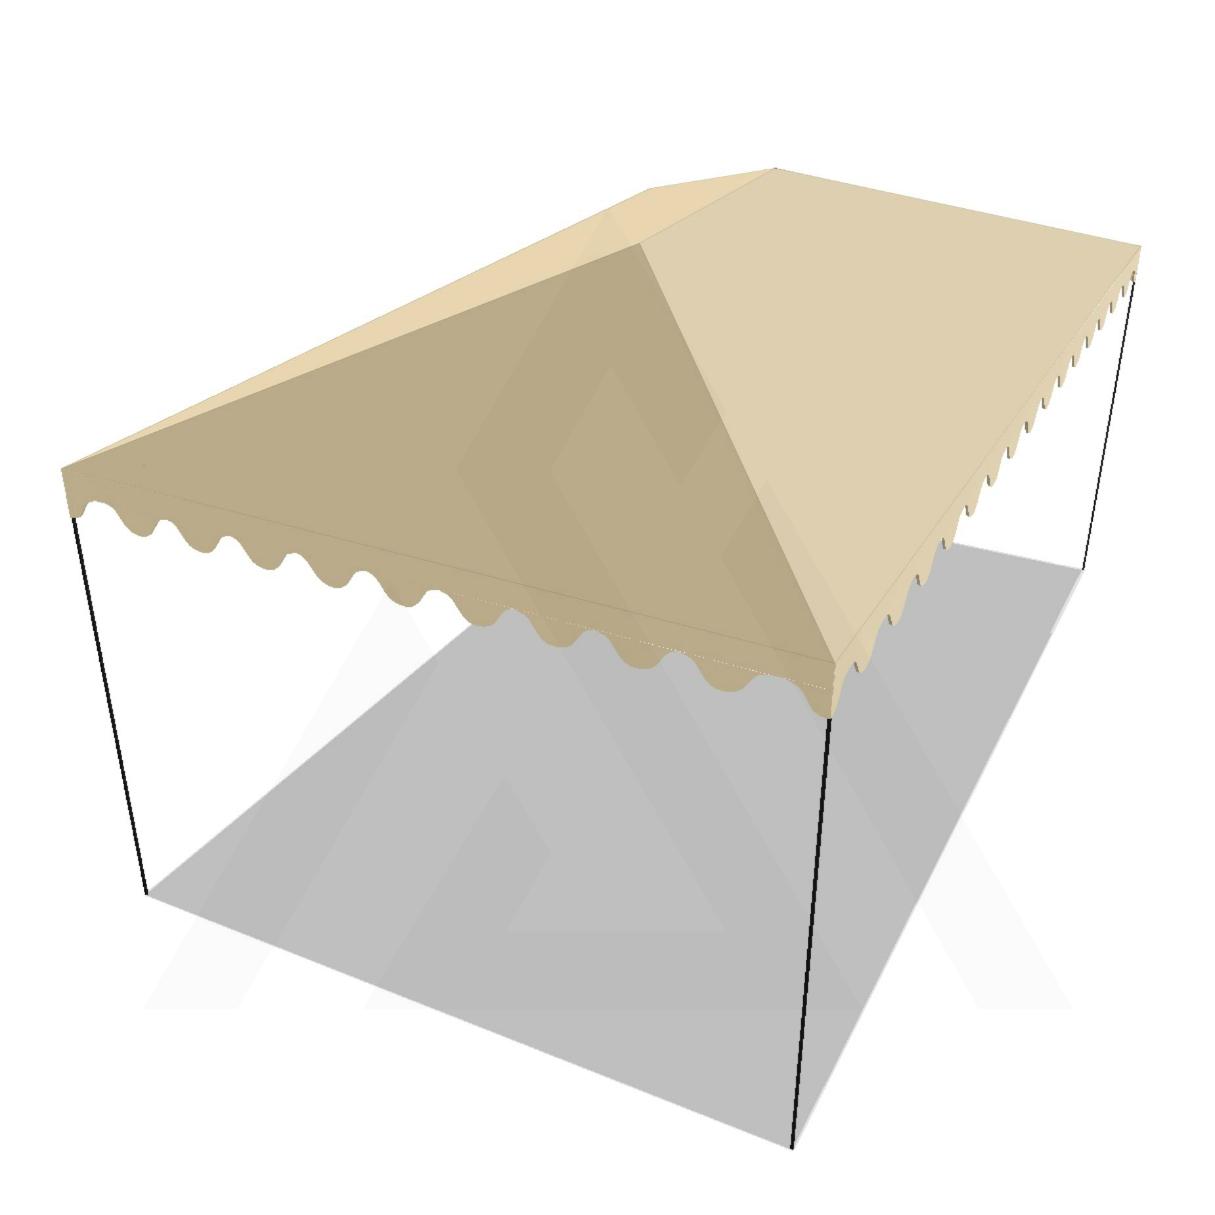 Bâche tonnelle rectangle 4 pentes avec faîtage